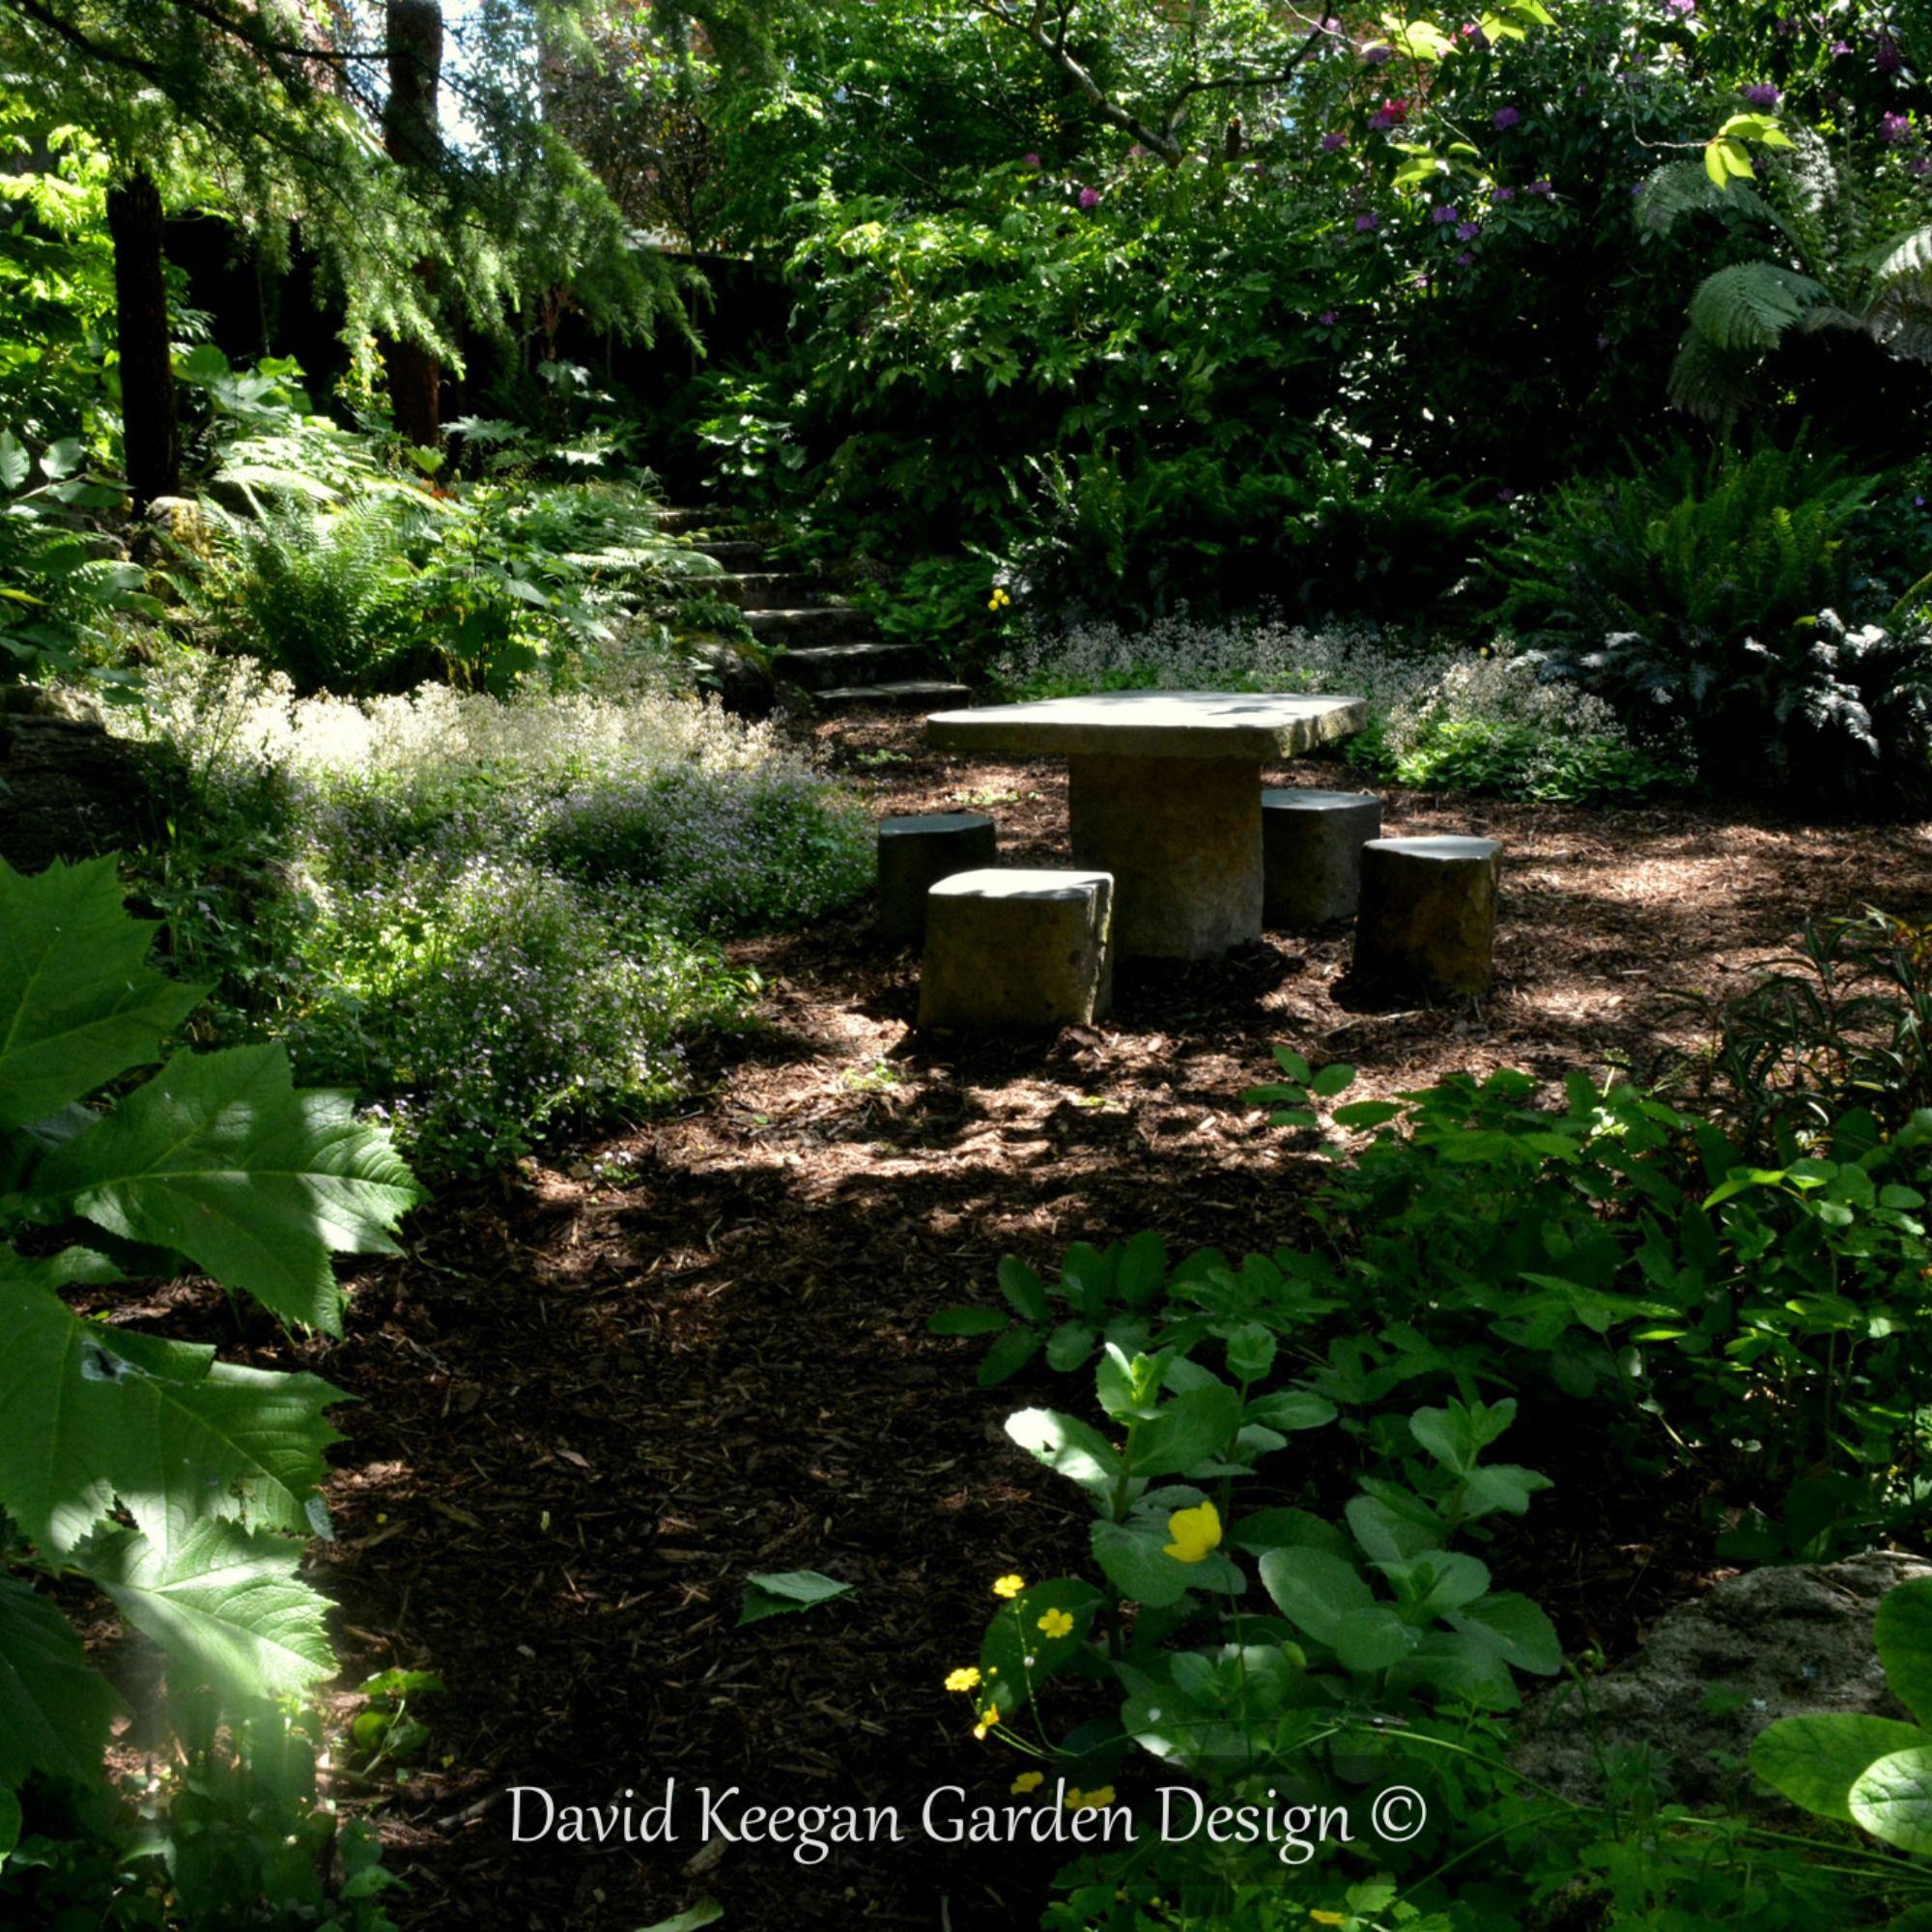 Enchanted Forest Garden By David Keegan Garden Design Lancashire North West Uk Forest Garden Garden Design Landscape Design